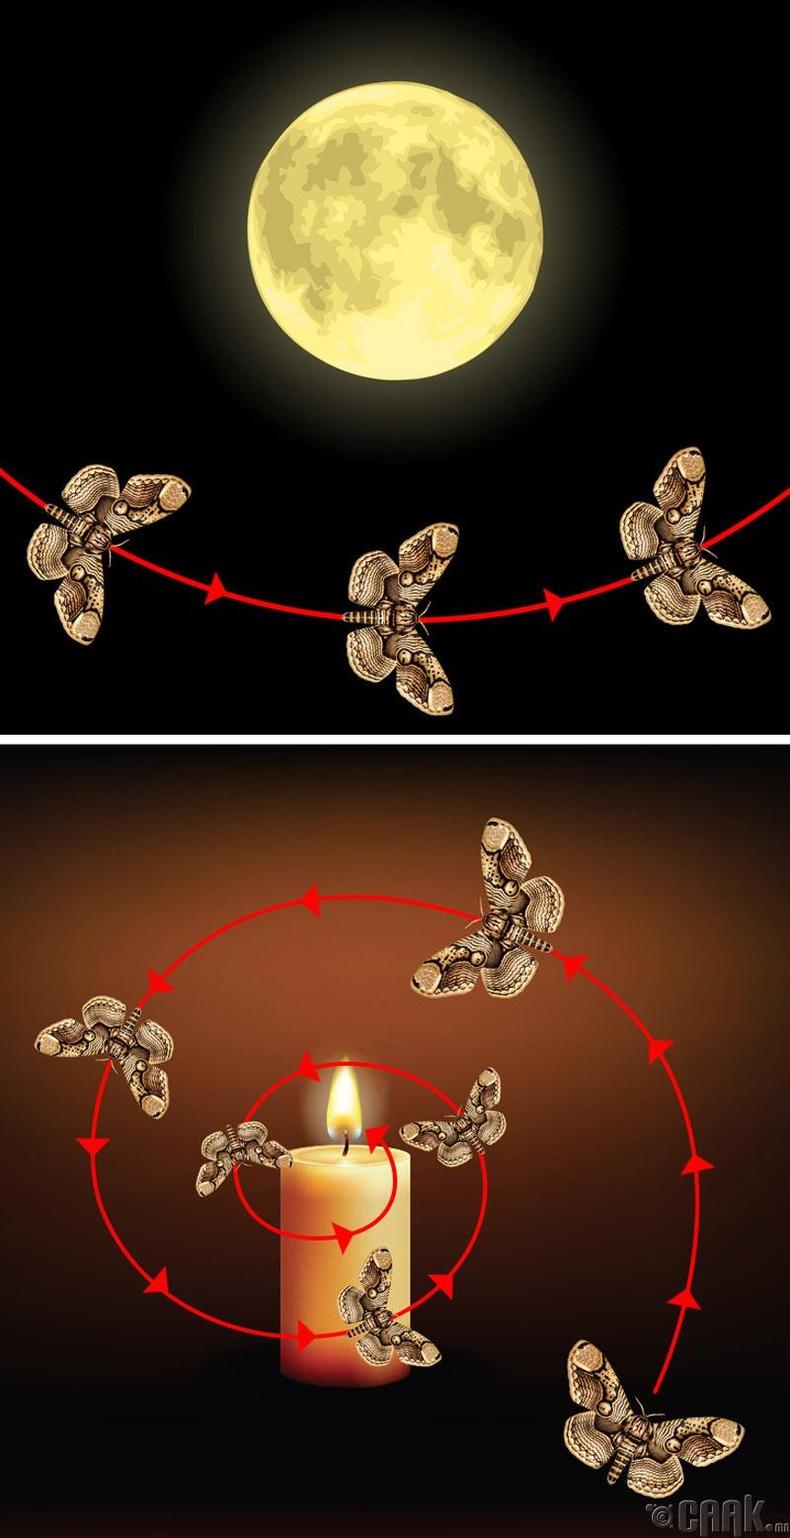 Шавжууд яагаад гэрэл рүү нисдэг вэ?